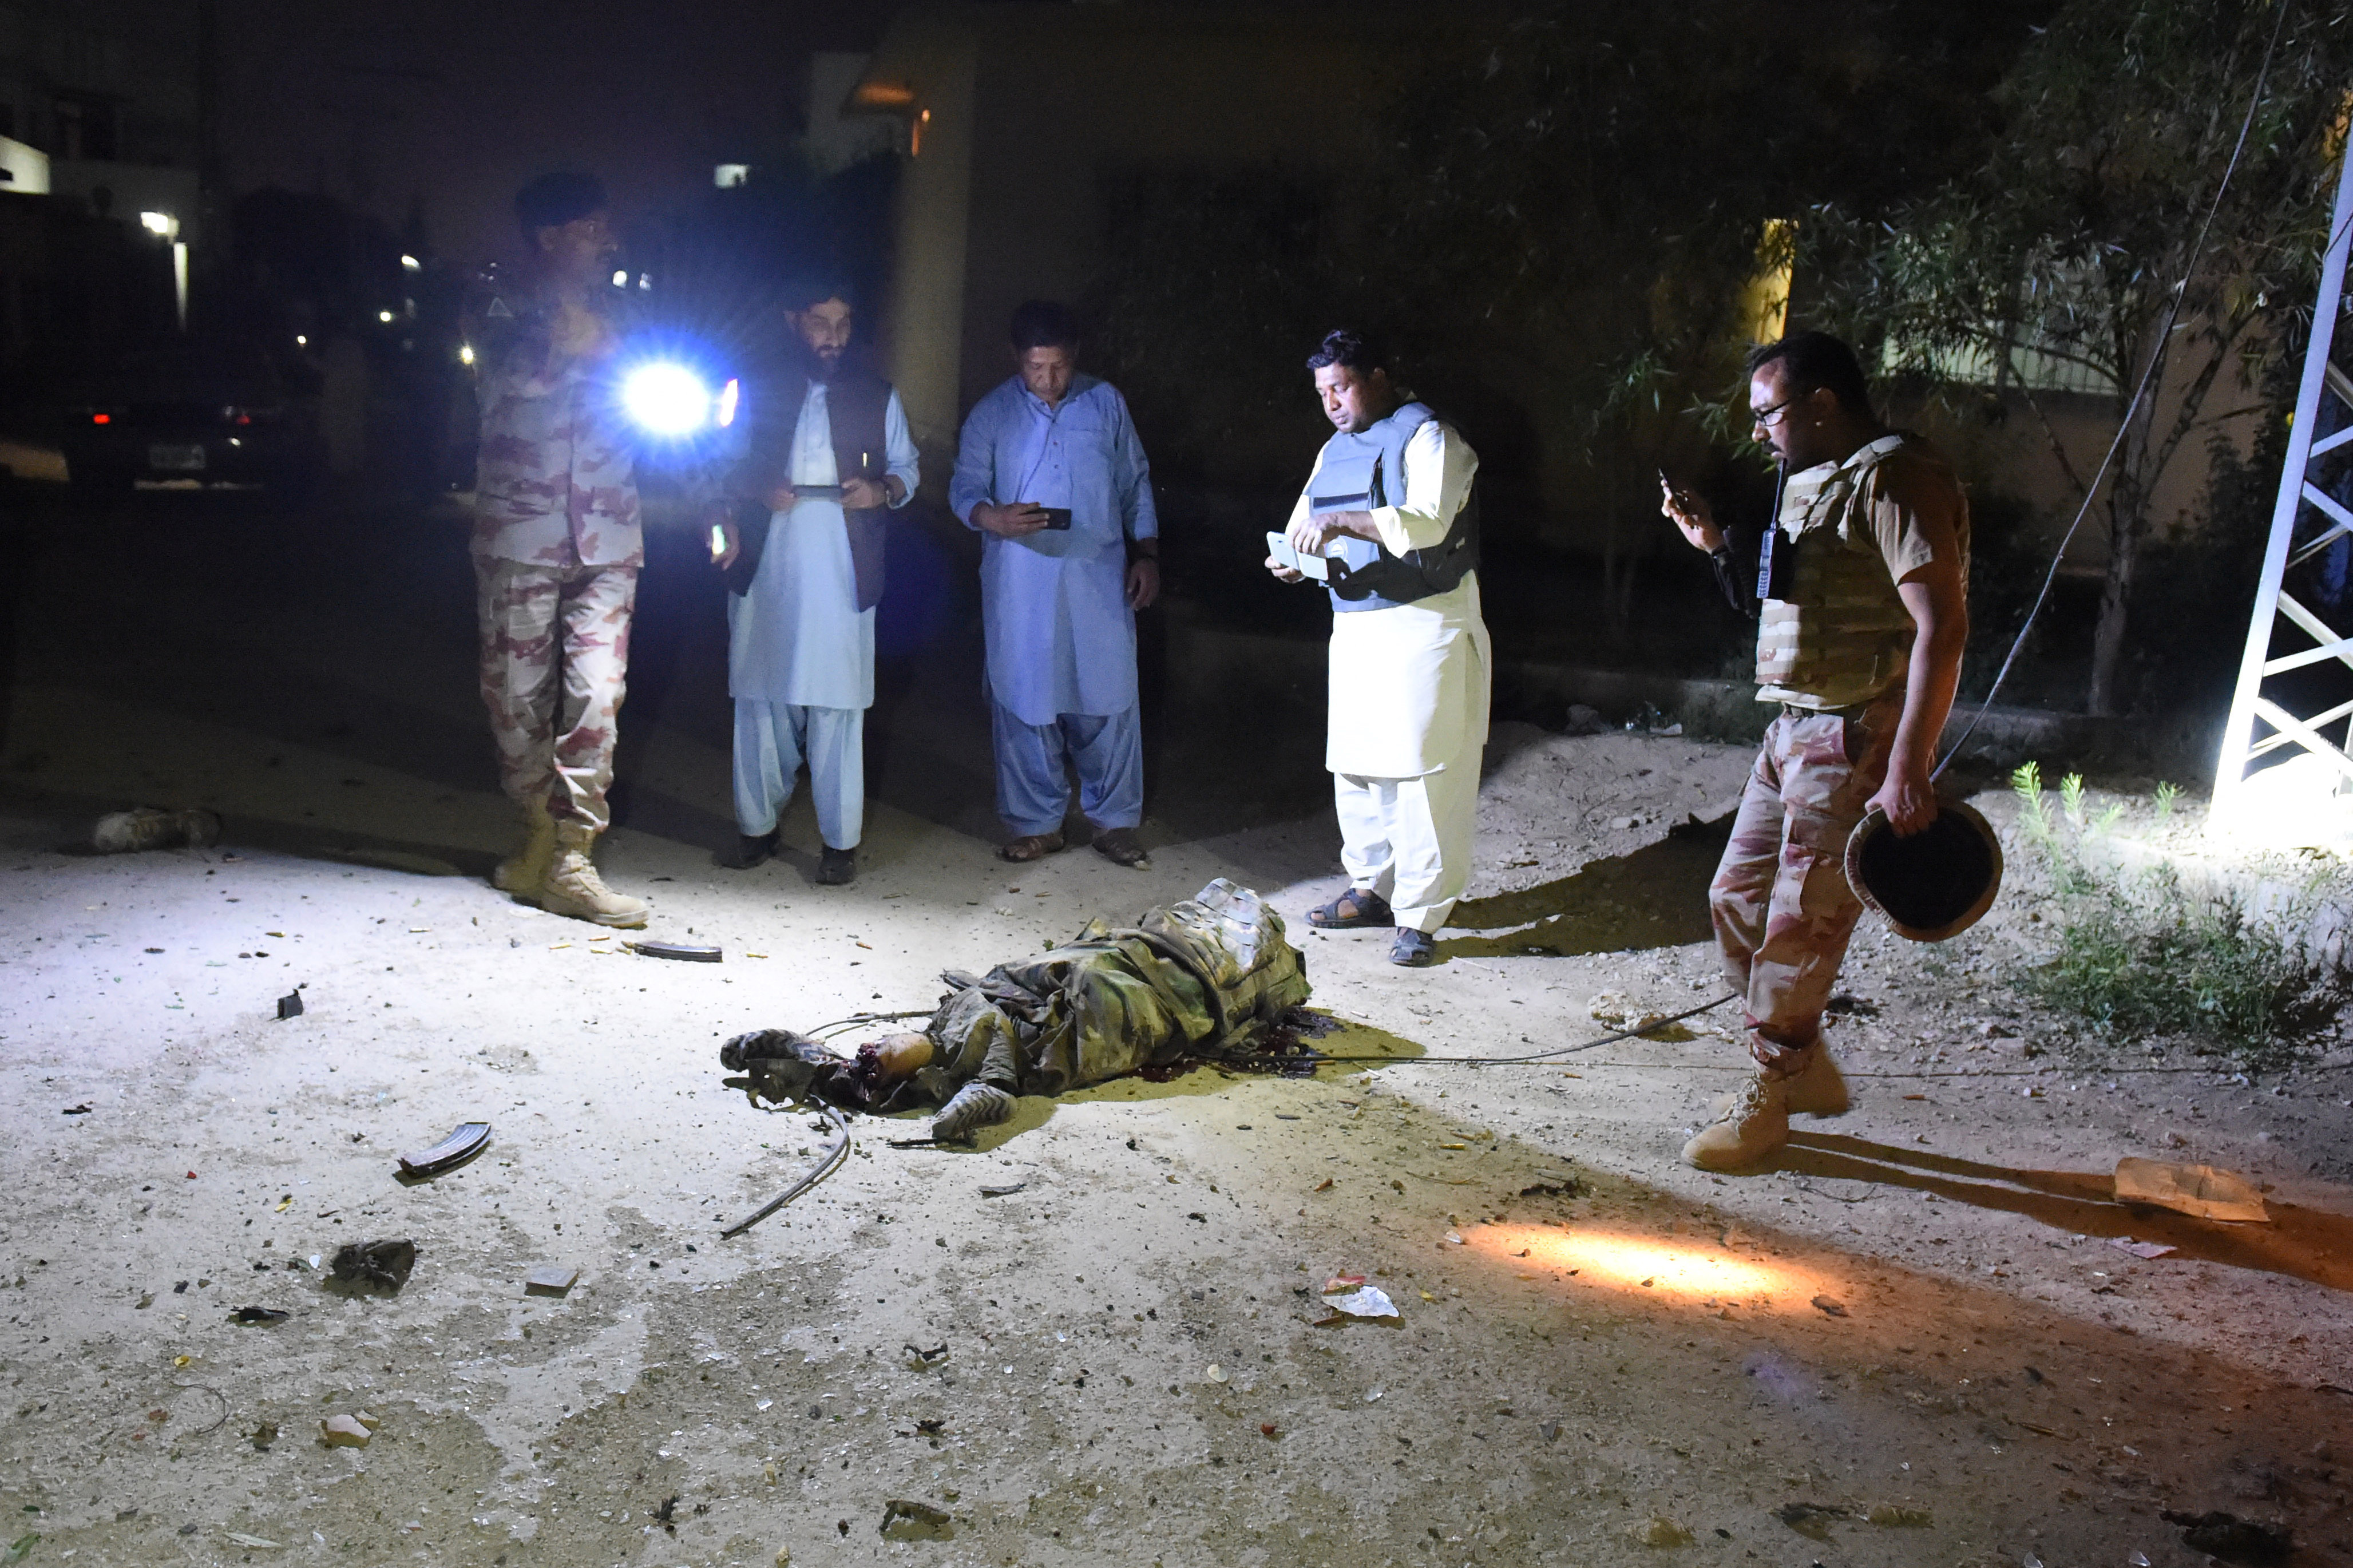 فرنٹیئر کور نے کوئٹہ میں ہیڈکوارٹرز پر بڑا دہشت گرد حملہ ناکام بنا دیا